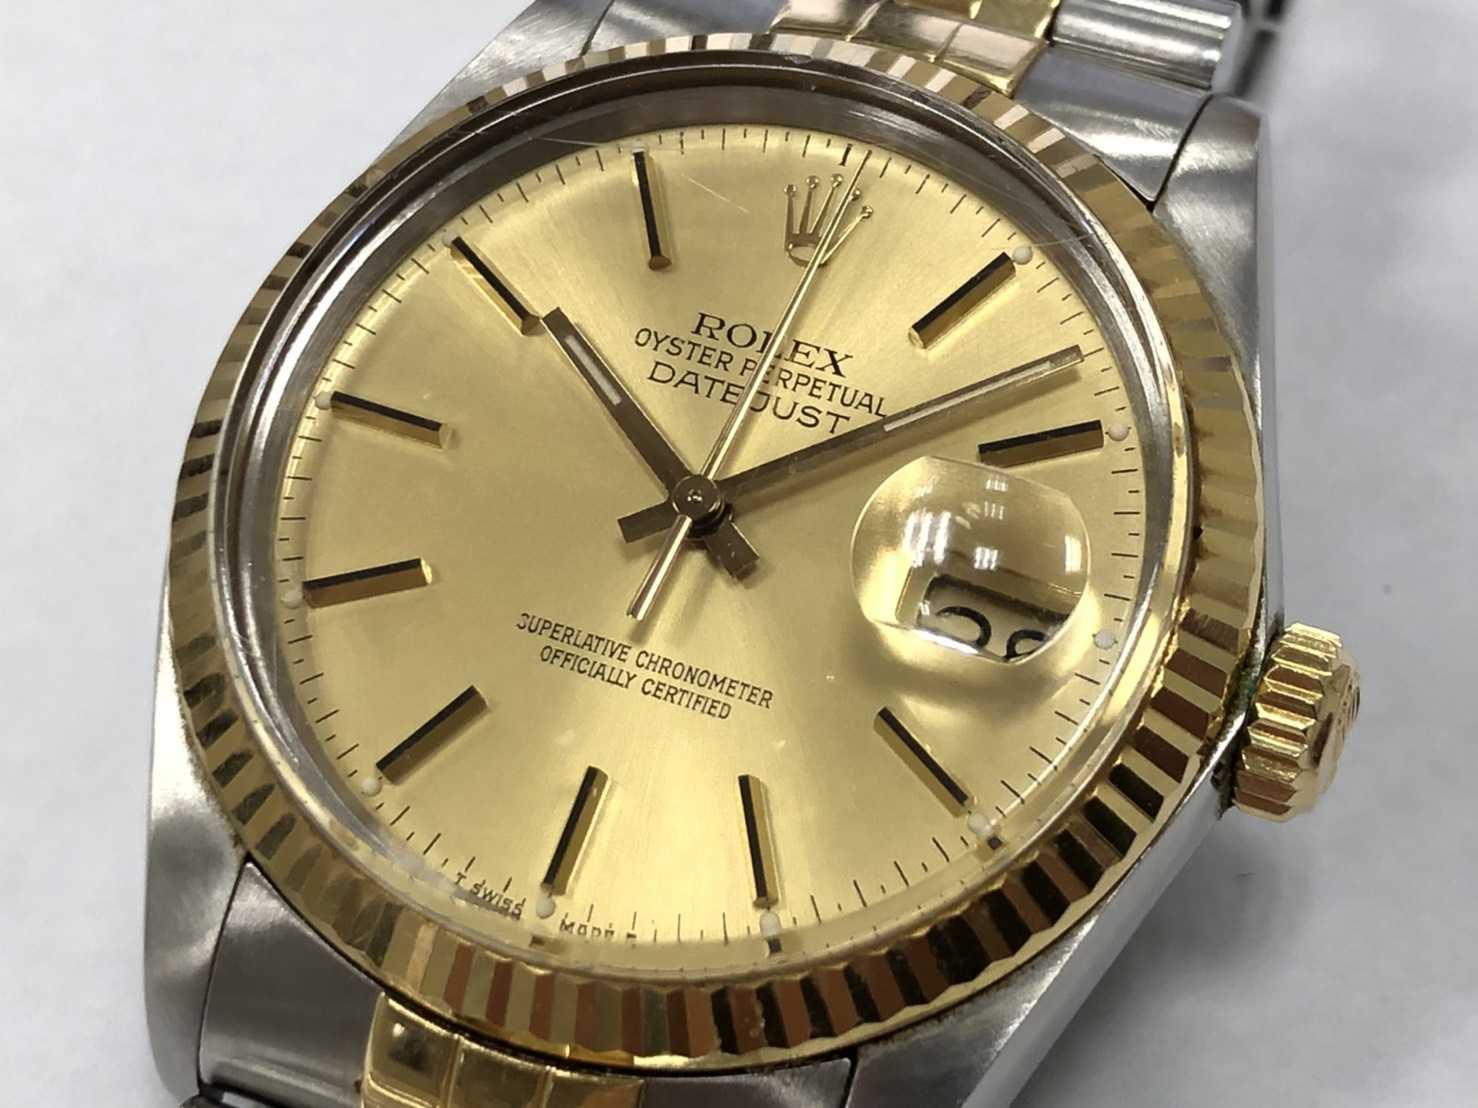 ロレックス買取 デイトジャスト 時計